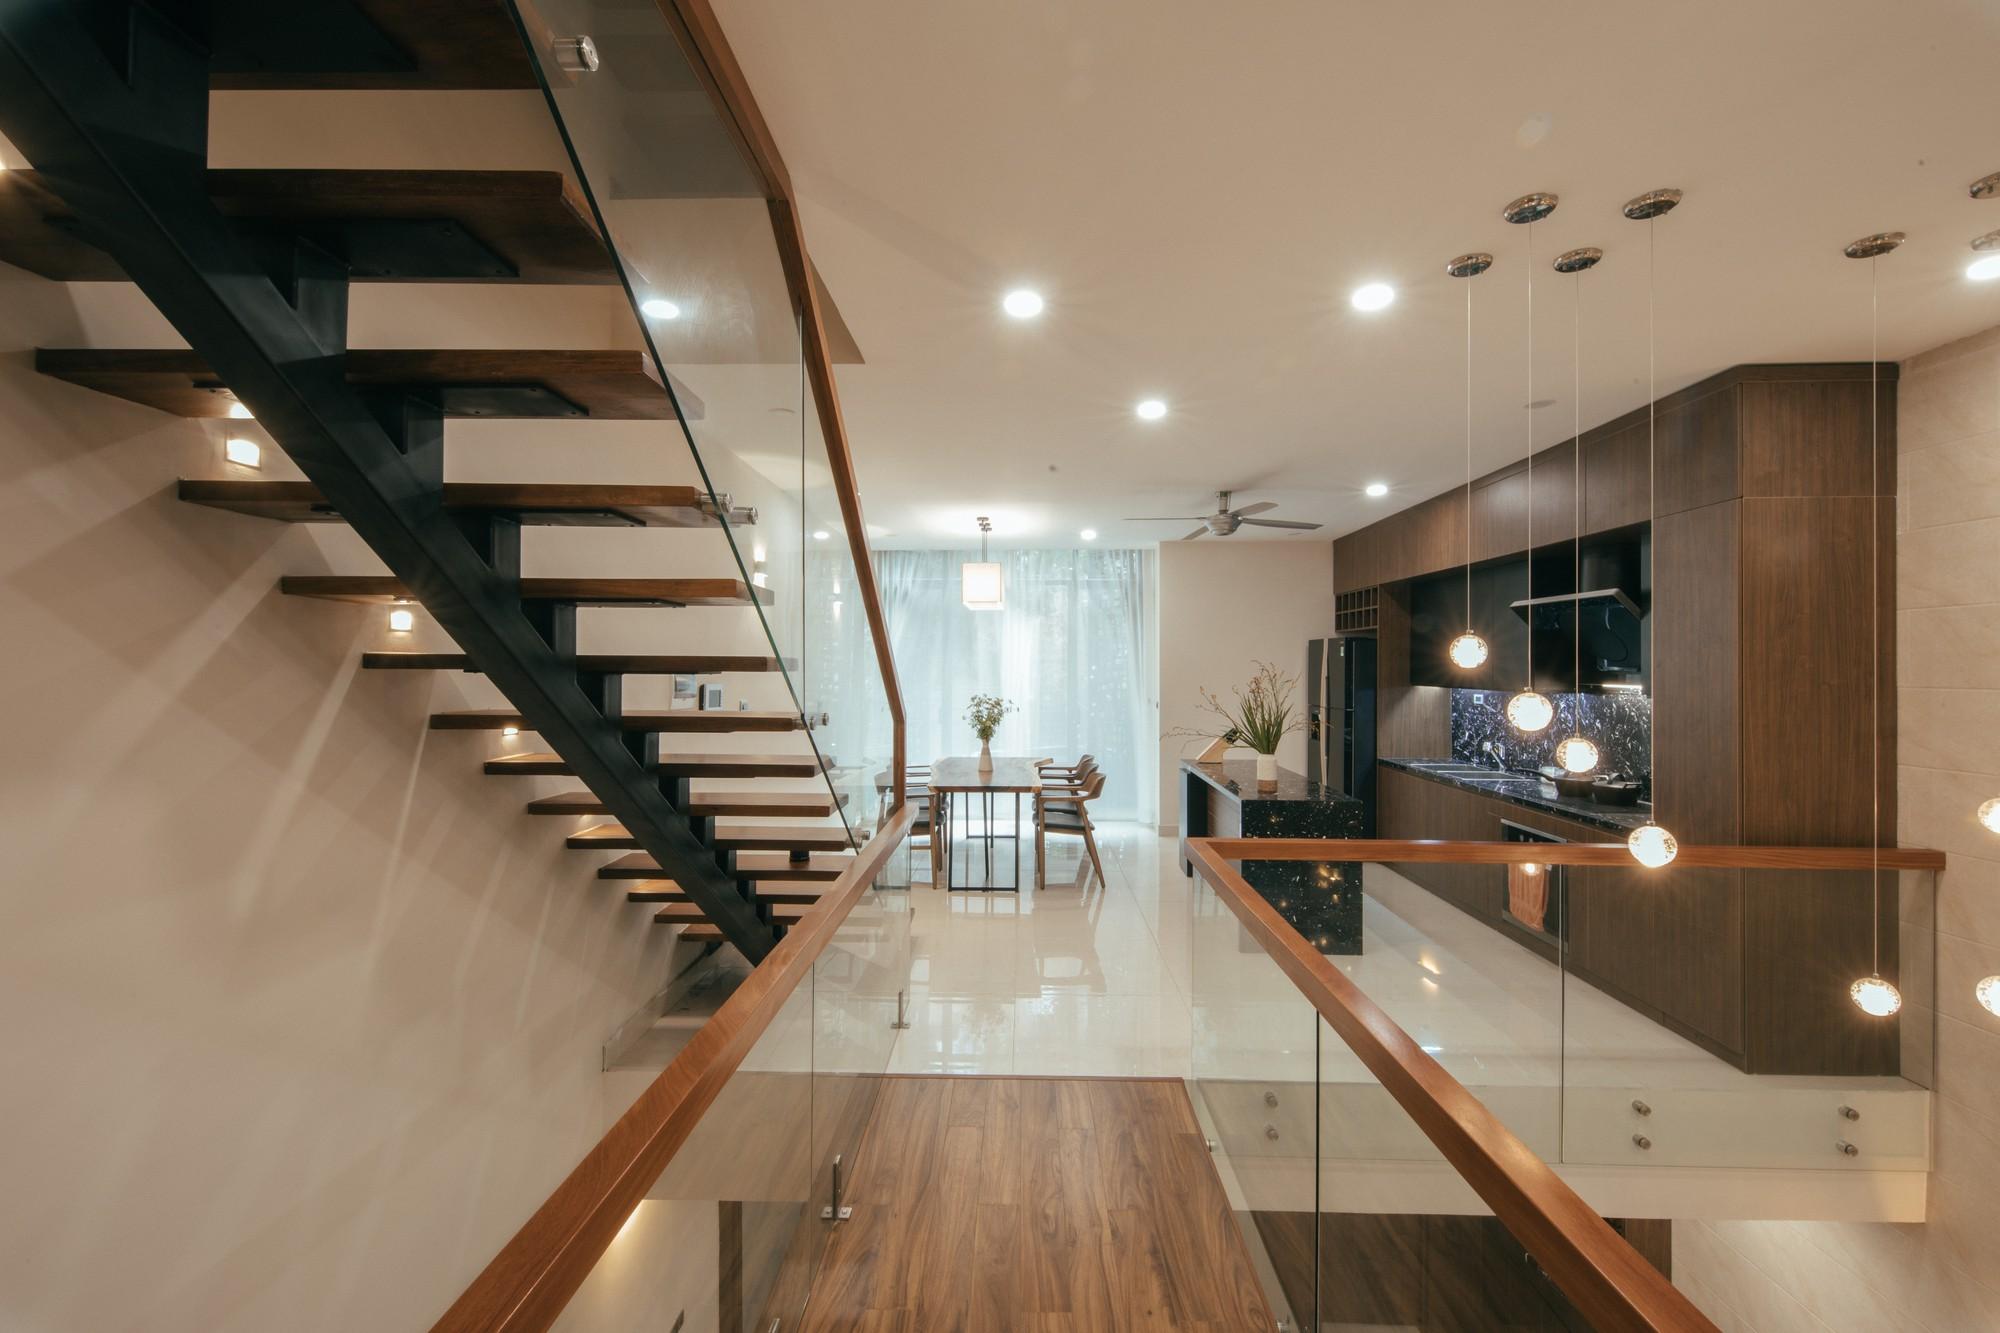 Chàng trai Hà Nội độc thân và ngôi nhà 83m² nhiều góc sân, khoảng trời lãng mạn khiến ai nhìn cũng muốn ở - Ảnh 13.